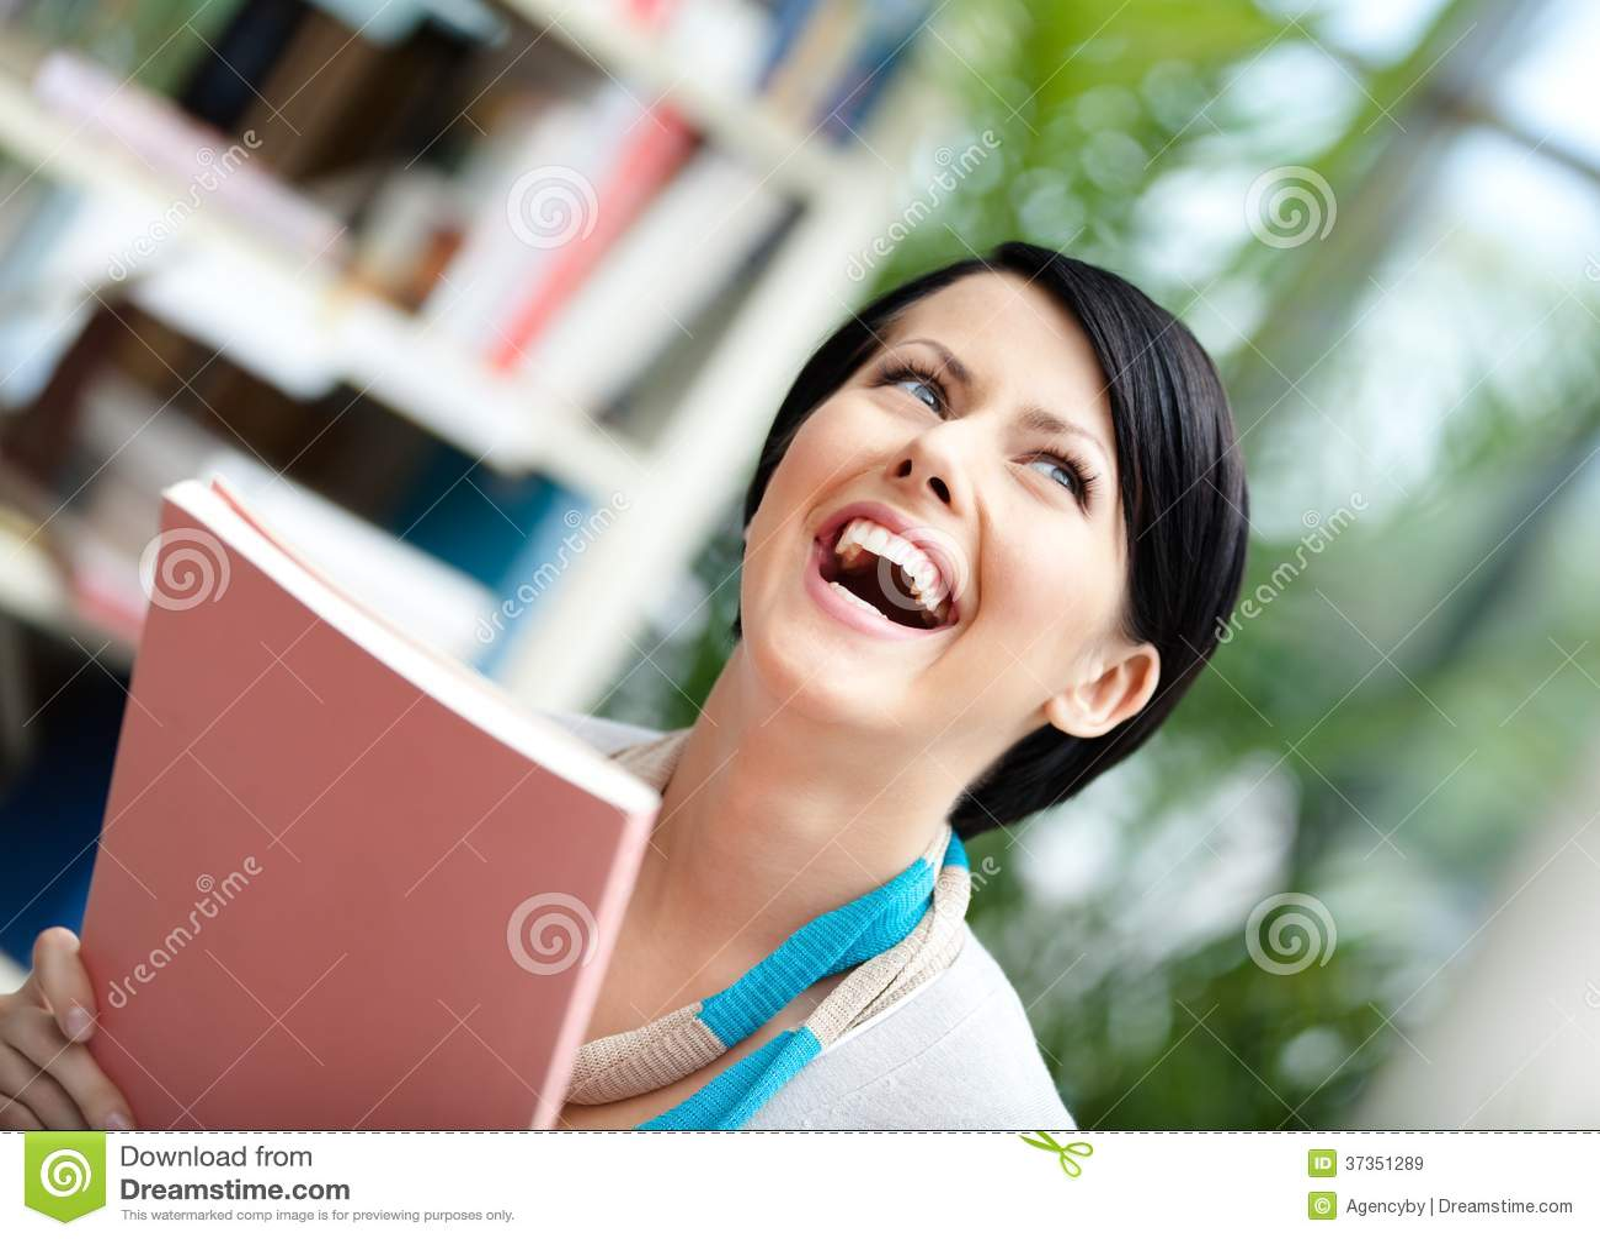 Σπουδαστής με το βιβλίο στη βιβλιοθήκη